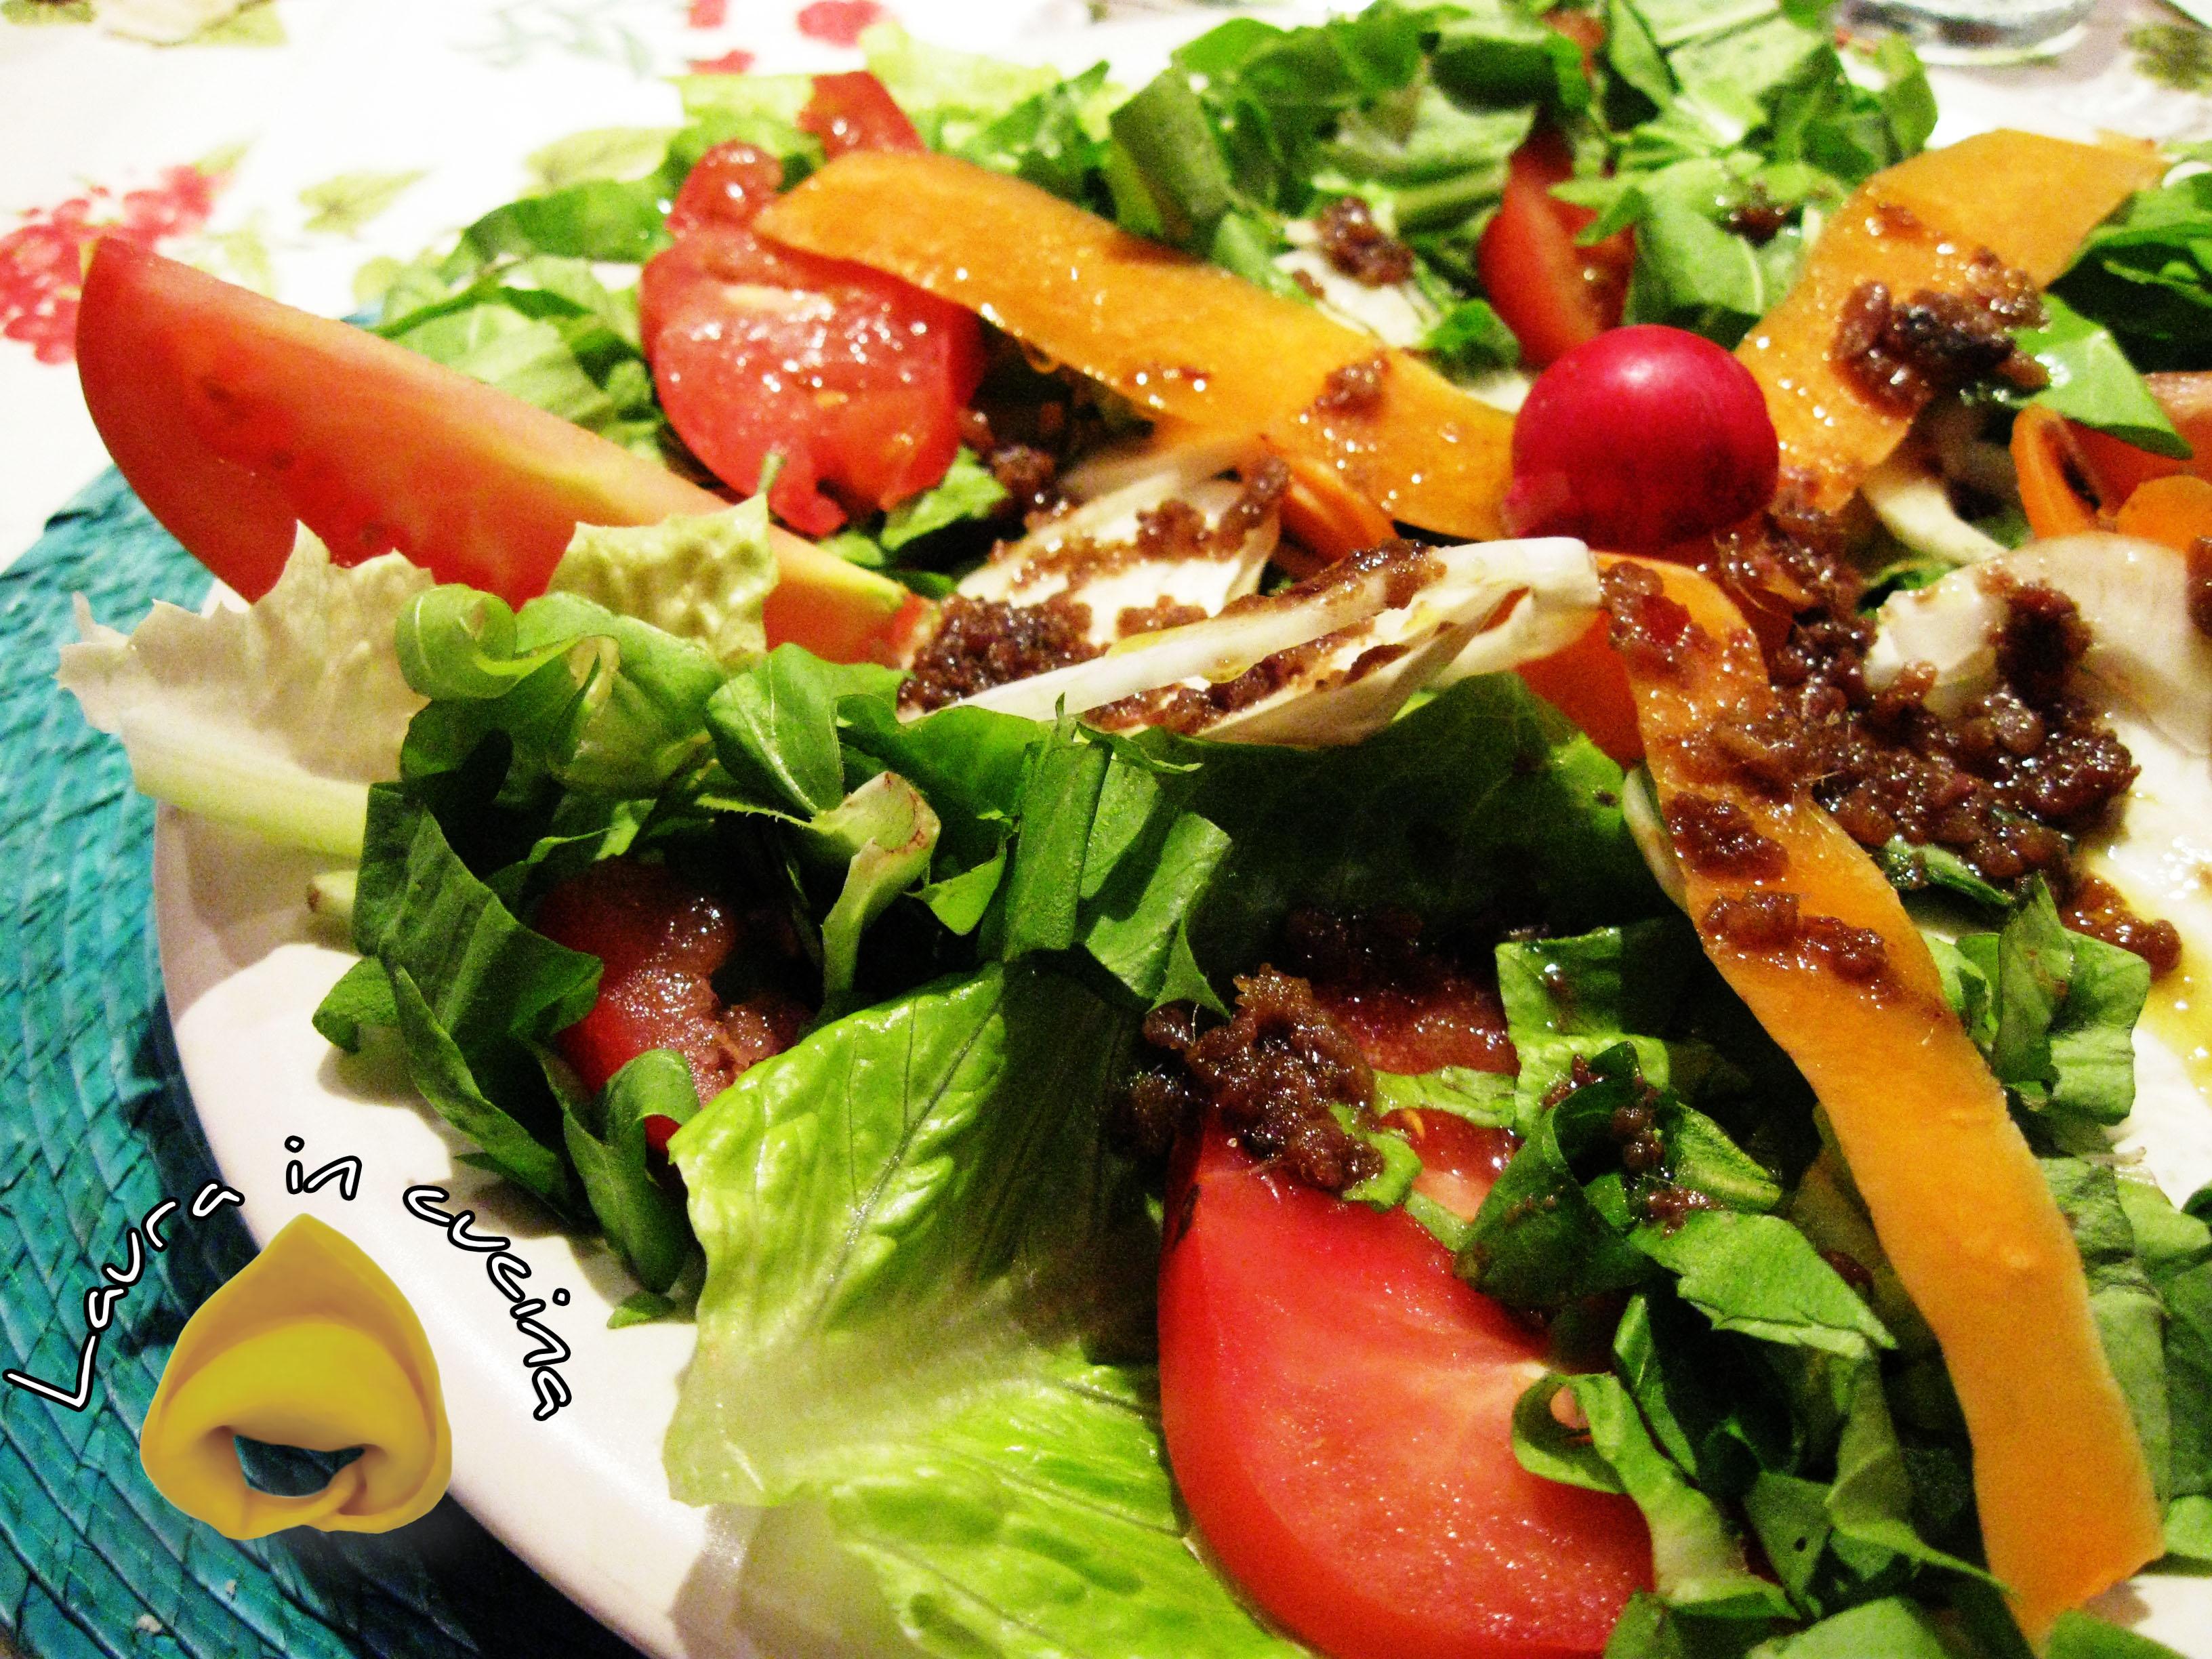 Insalata con bagna cauda ricetta piemontese u laura in cucina